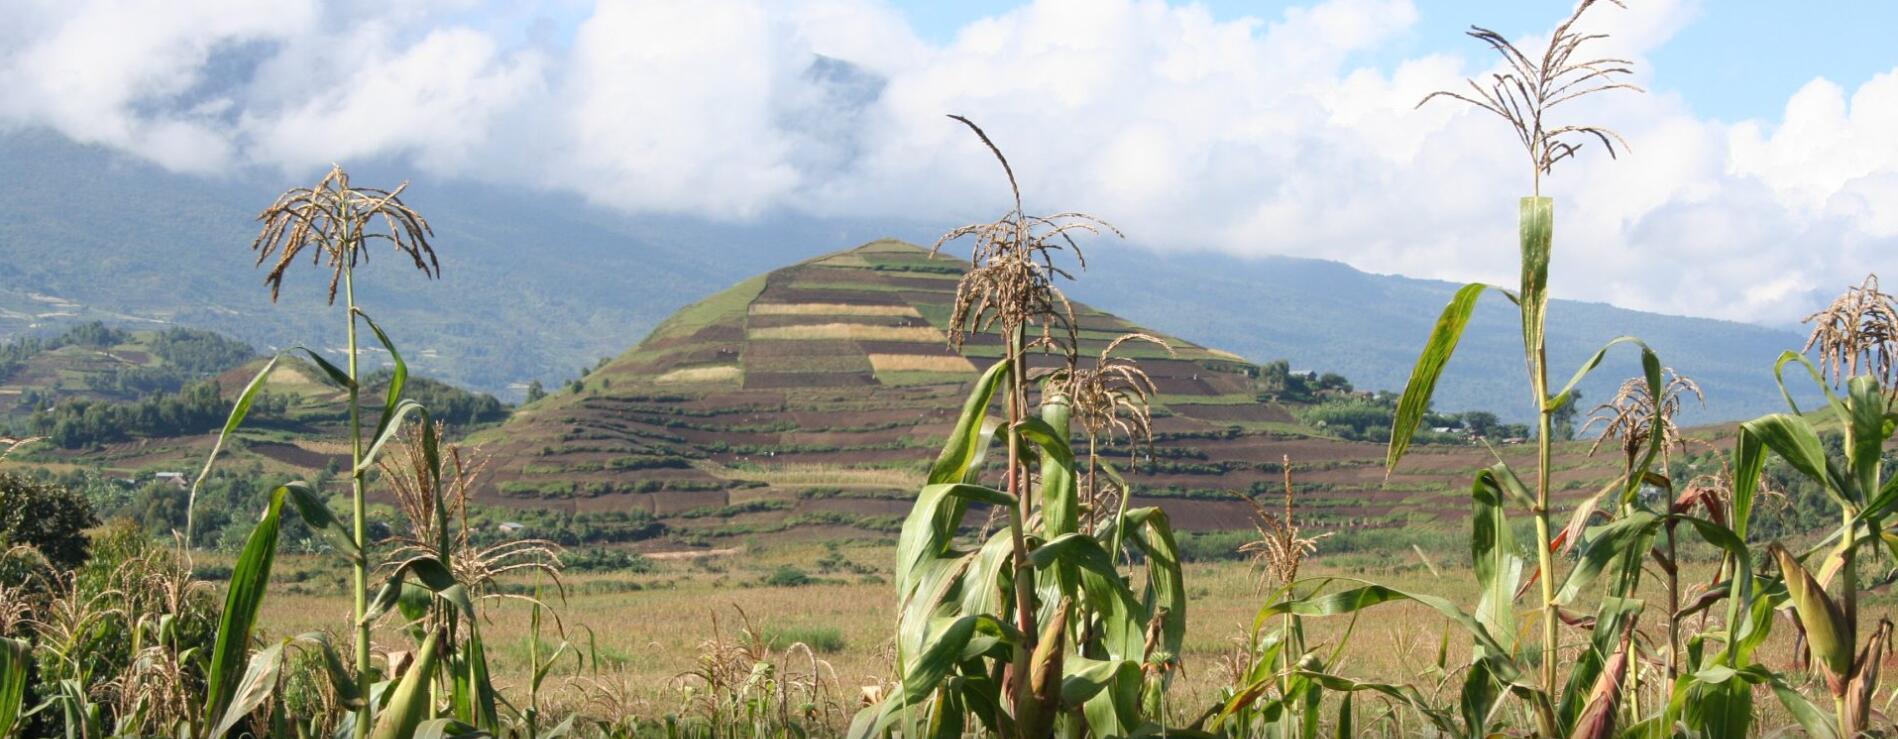 GORILLA EXPRESS SAFARI IN RWANDA AND UGANDA